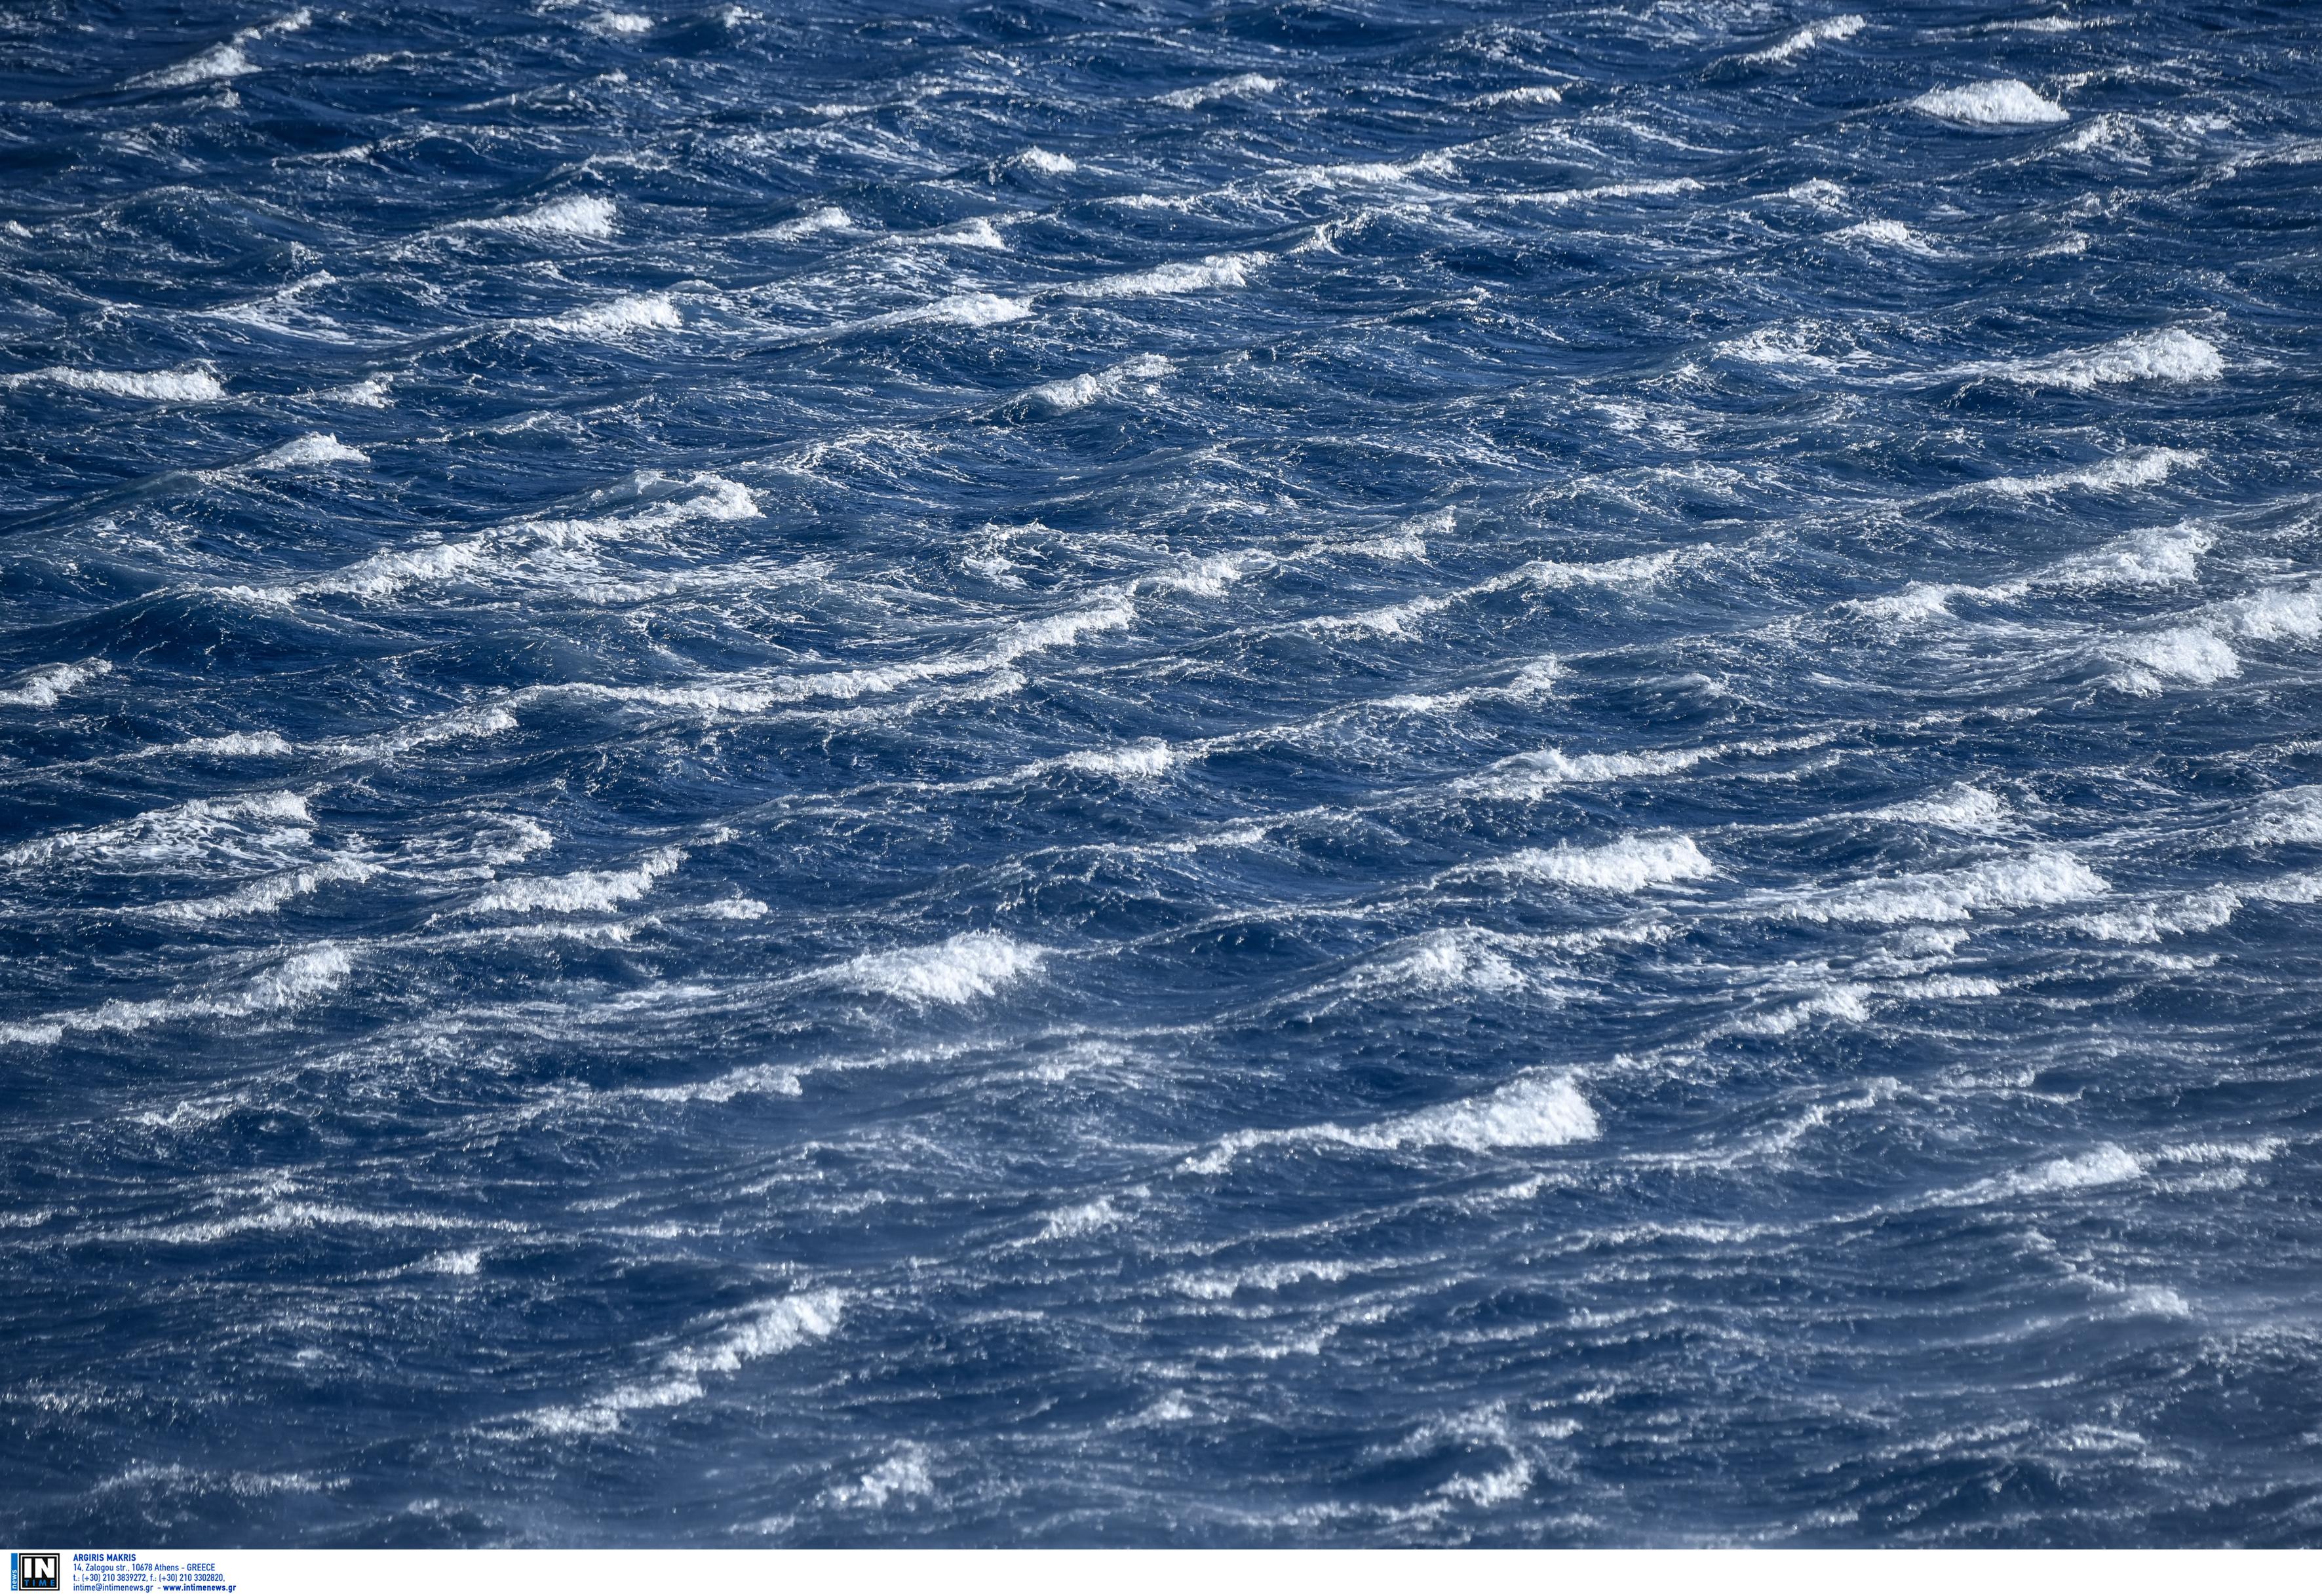 Στυλίδα: Κοριτσάκι απολάμβανε τη θάλασσα και παρασύρθηκε από ρεύματα!